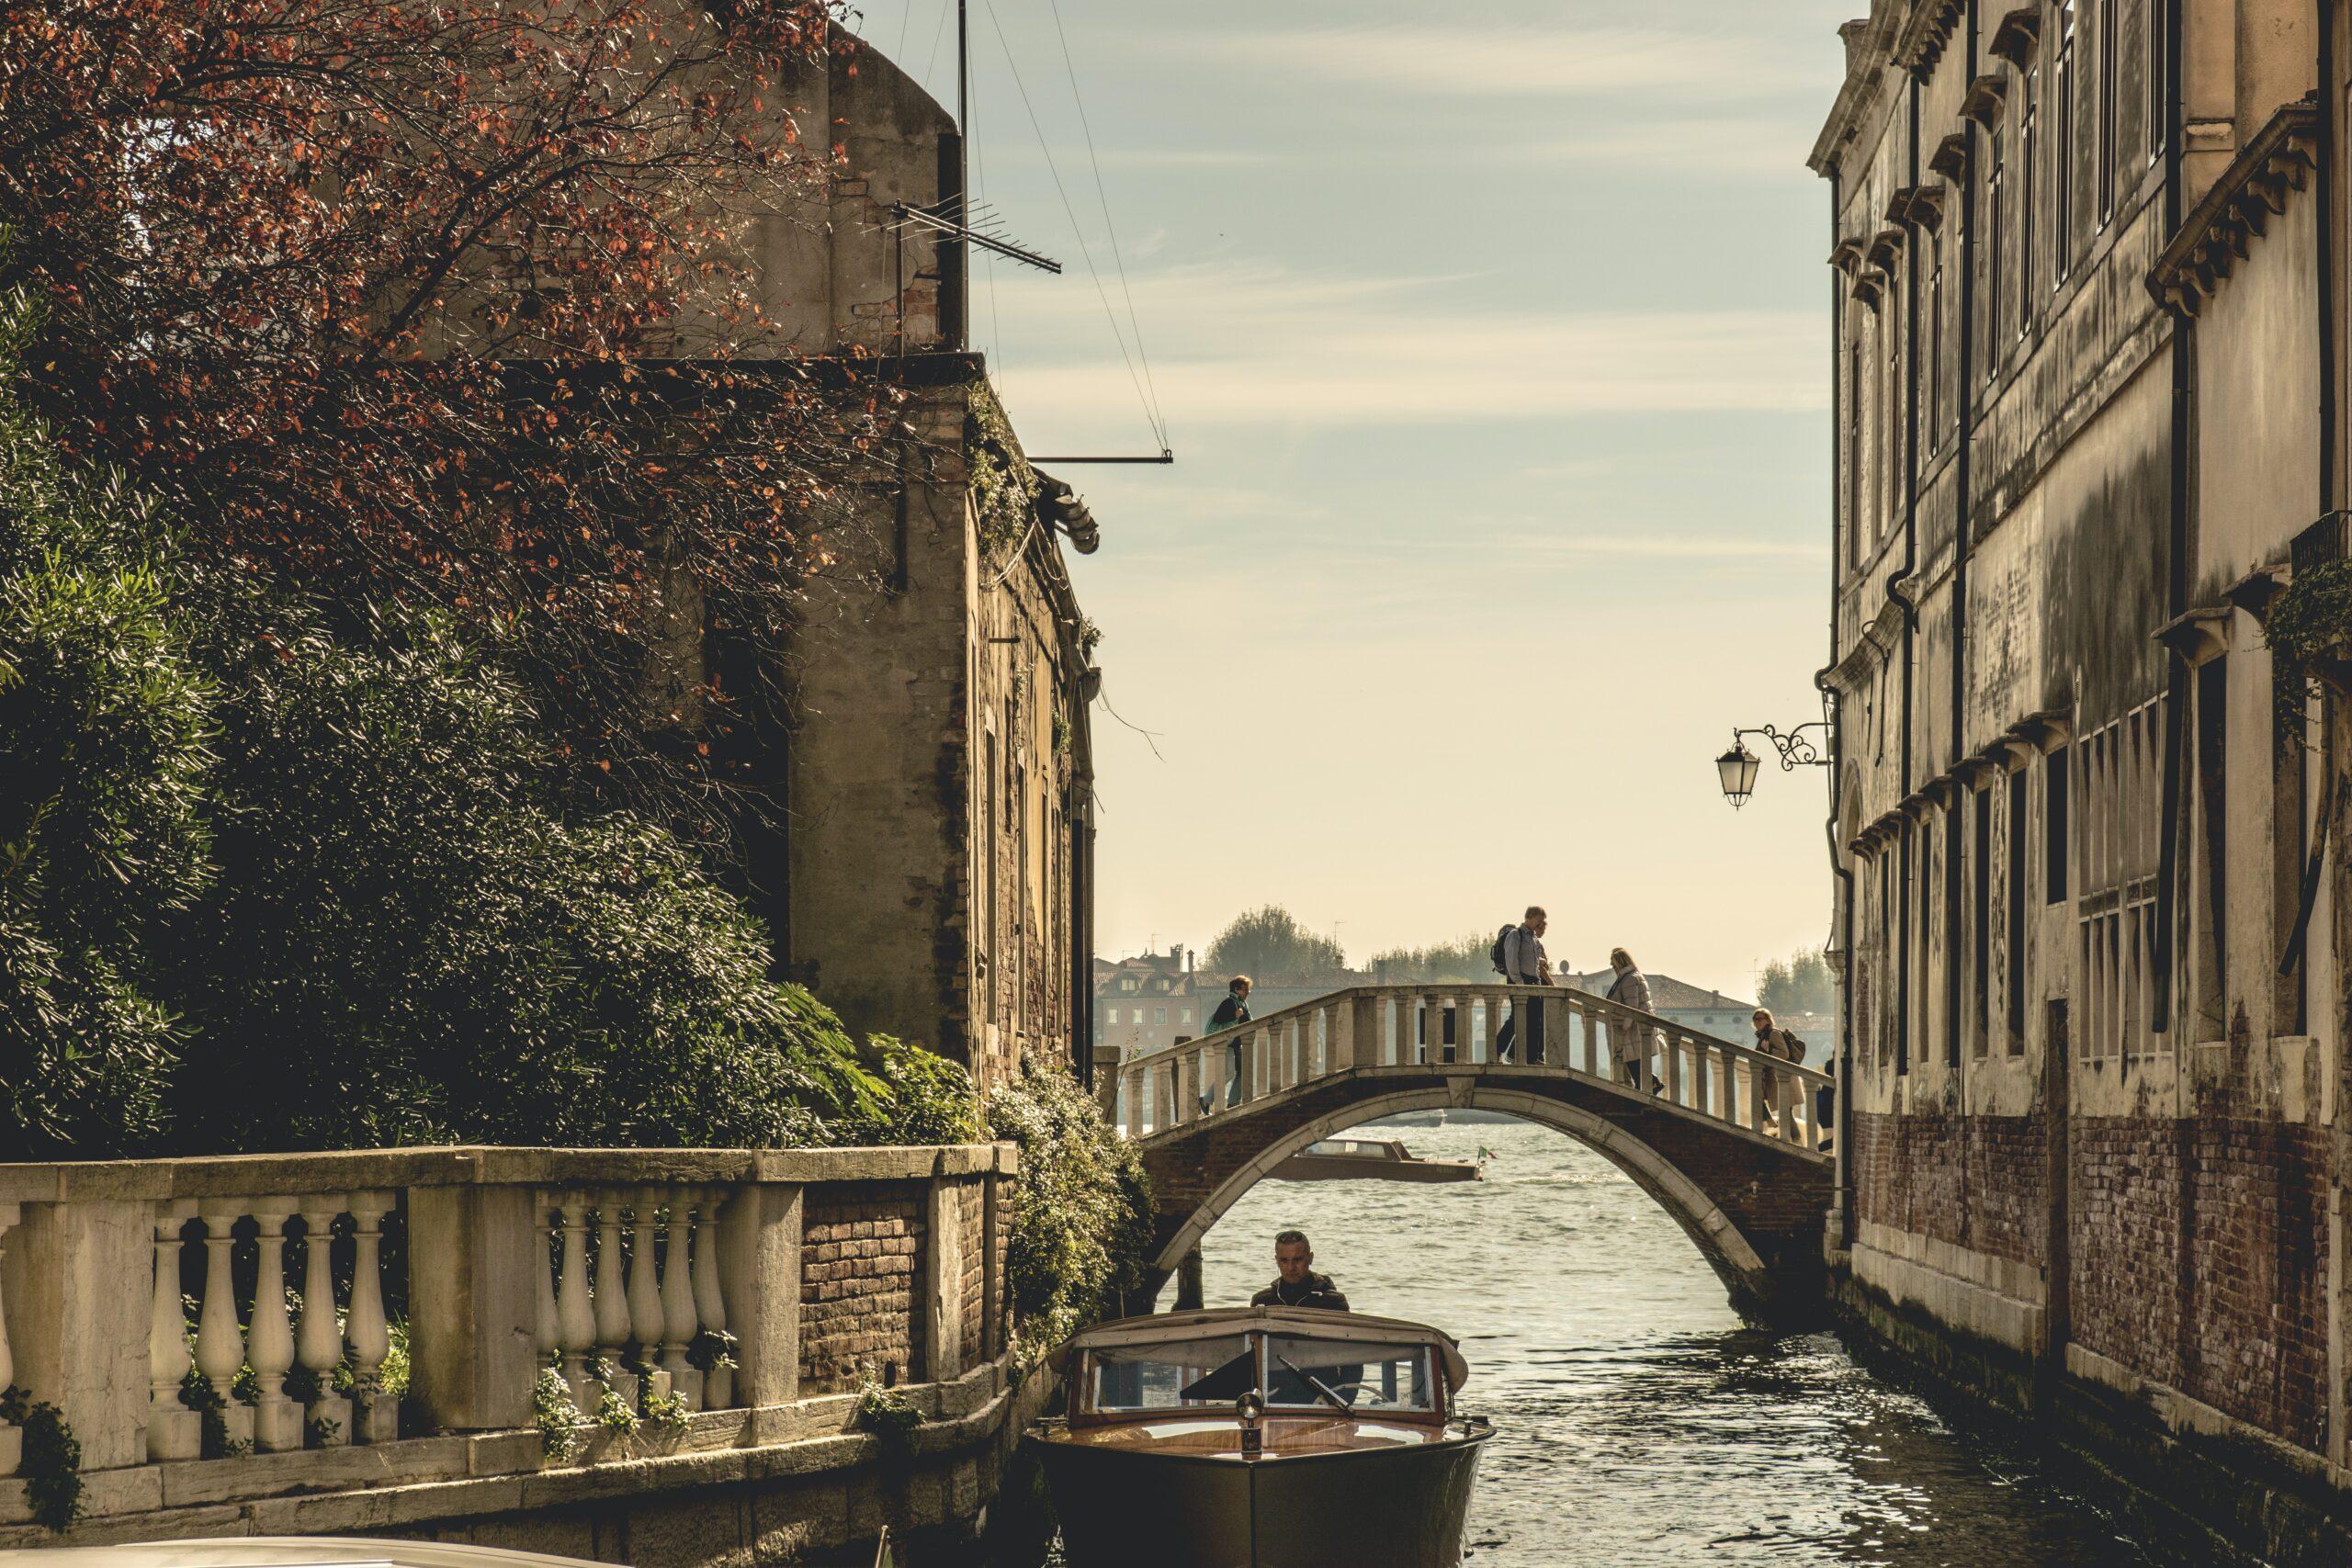 Venezia festeggia: prima provincia per raccolta differenziata